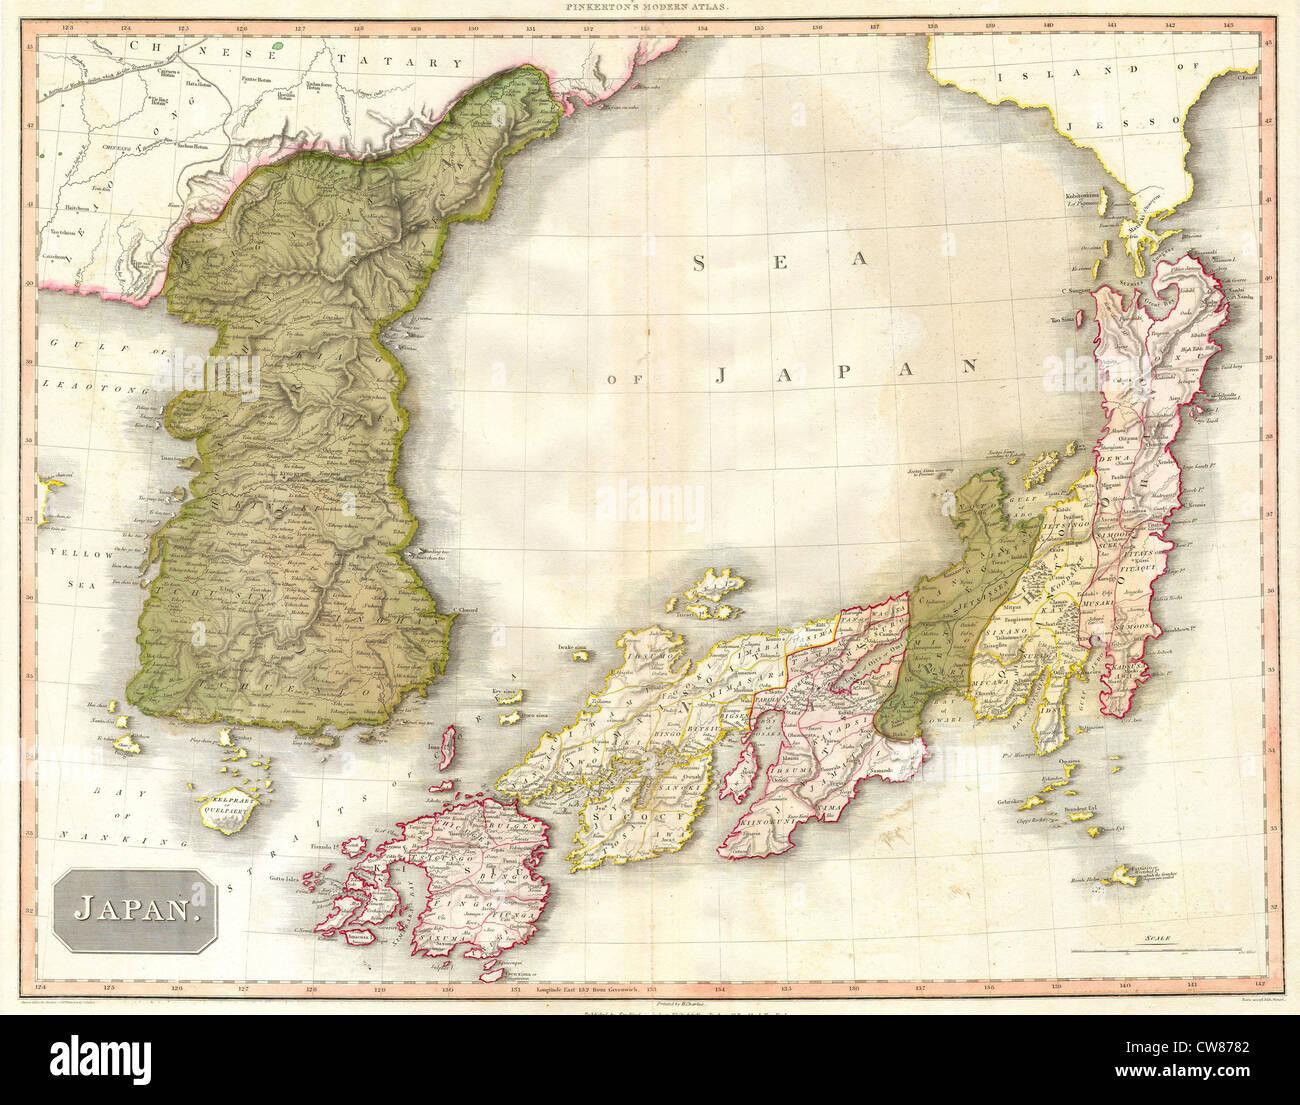 Korea japan map stock photos korea japan map stock images alamy 1818 pinkerton map of korea and japan stock image gumiabroncs Image collections